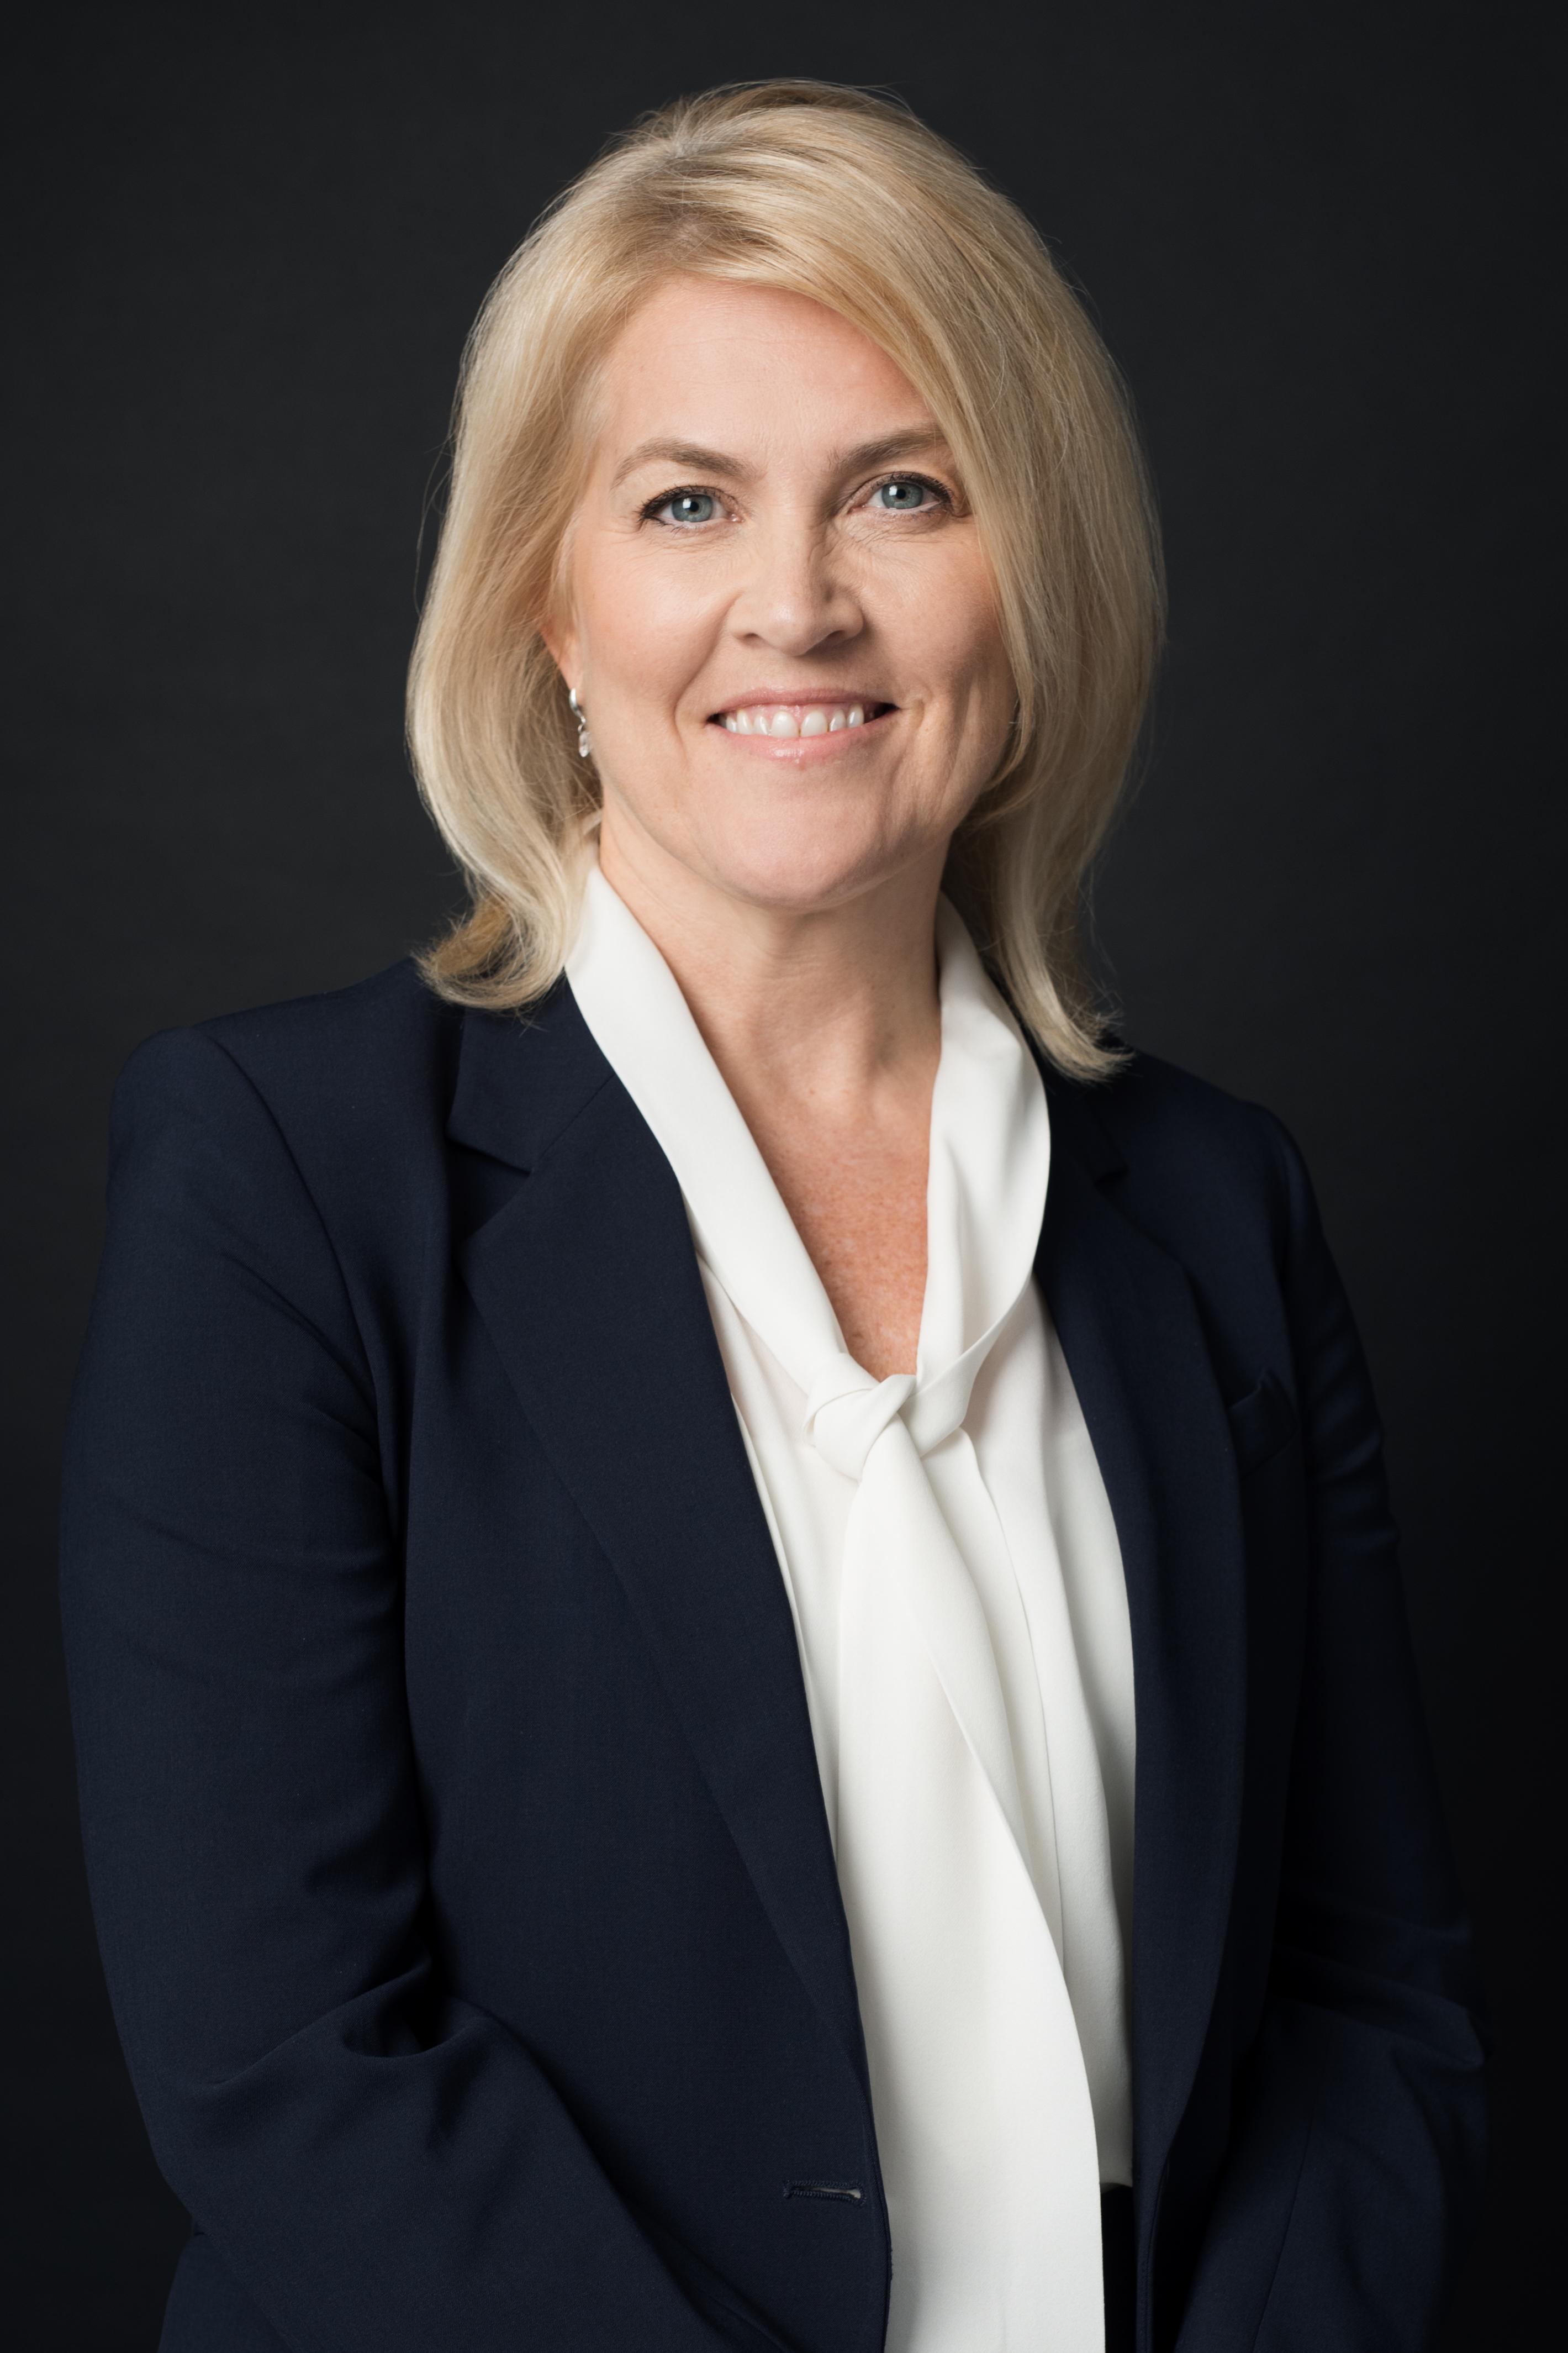 Cynthia Garneau